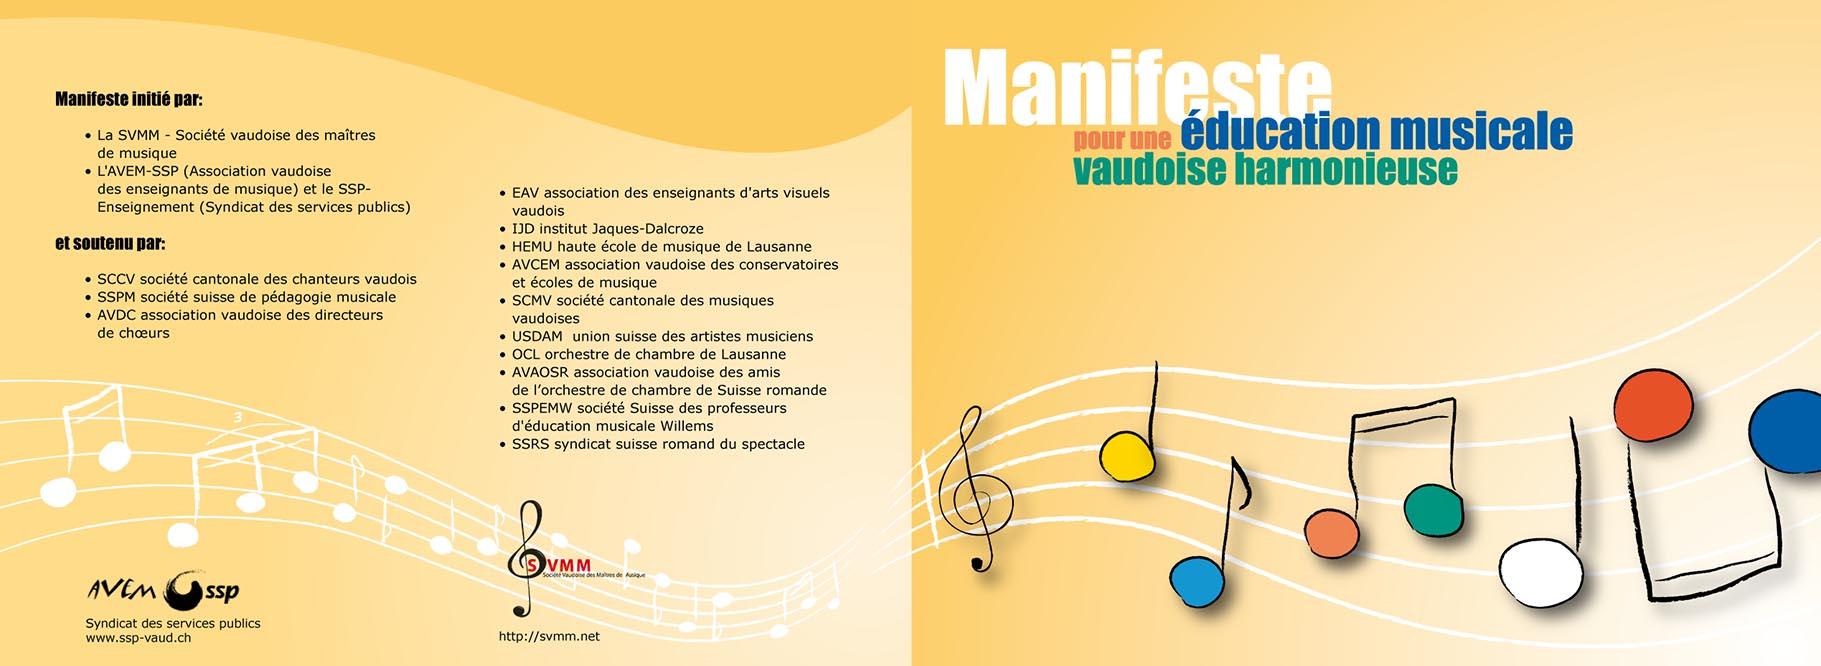 Dépliant «Manifeste pour une éducation musicale vaudoise». Tristan Boy de la Tour, graphiste Lausanne